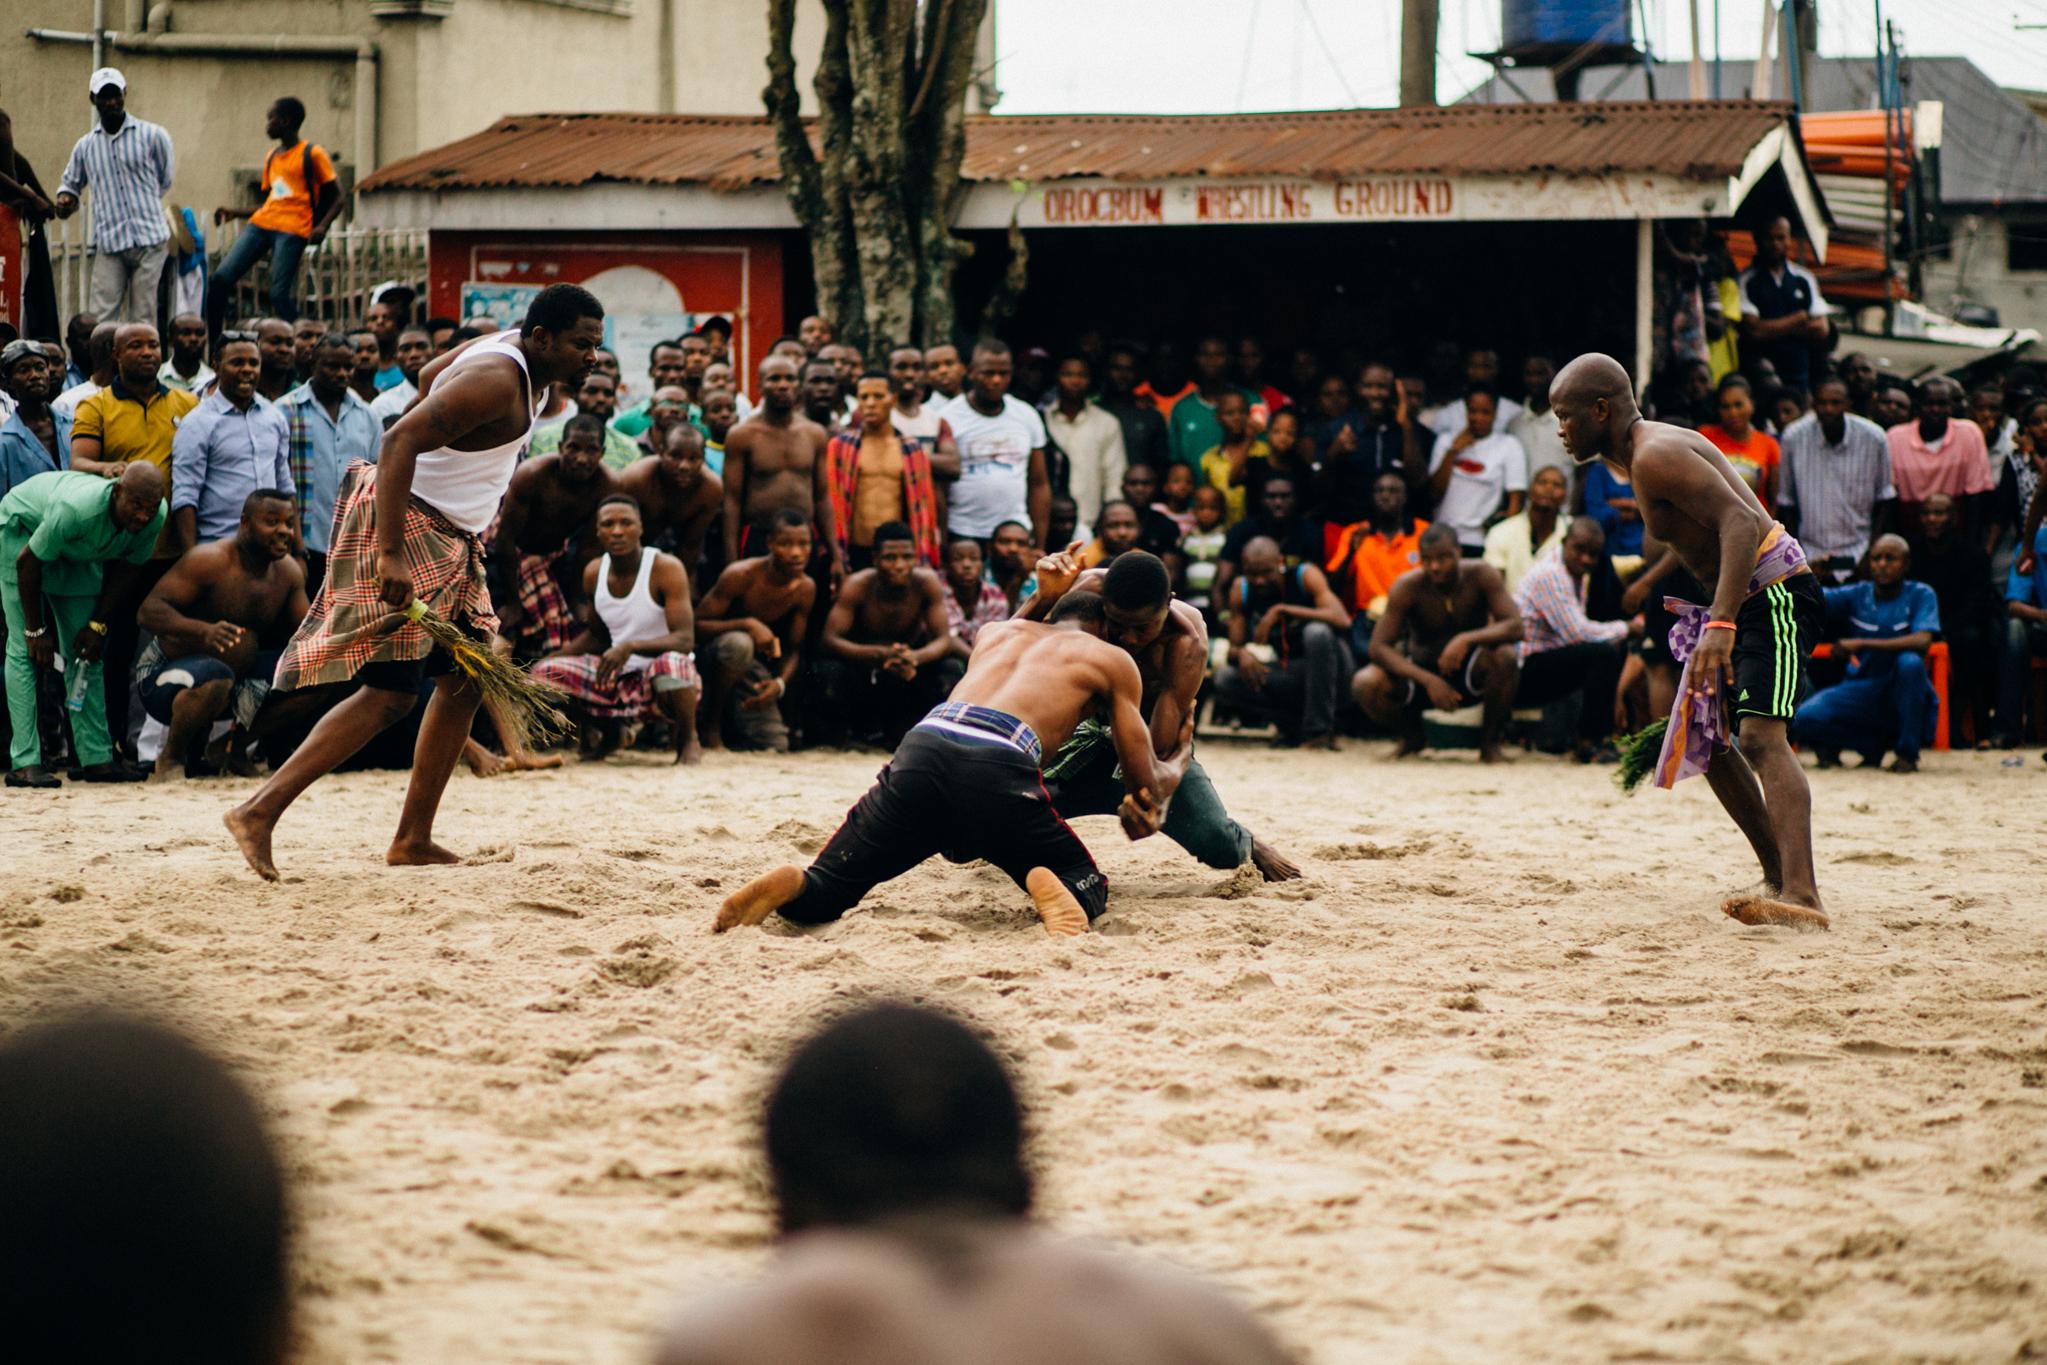 Wrestlers, Egelege Festival, Ogbunabali, Port Harcourt